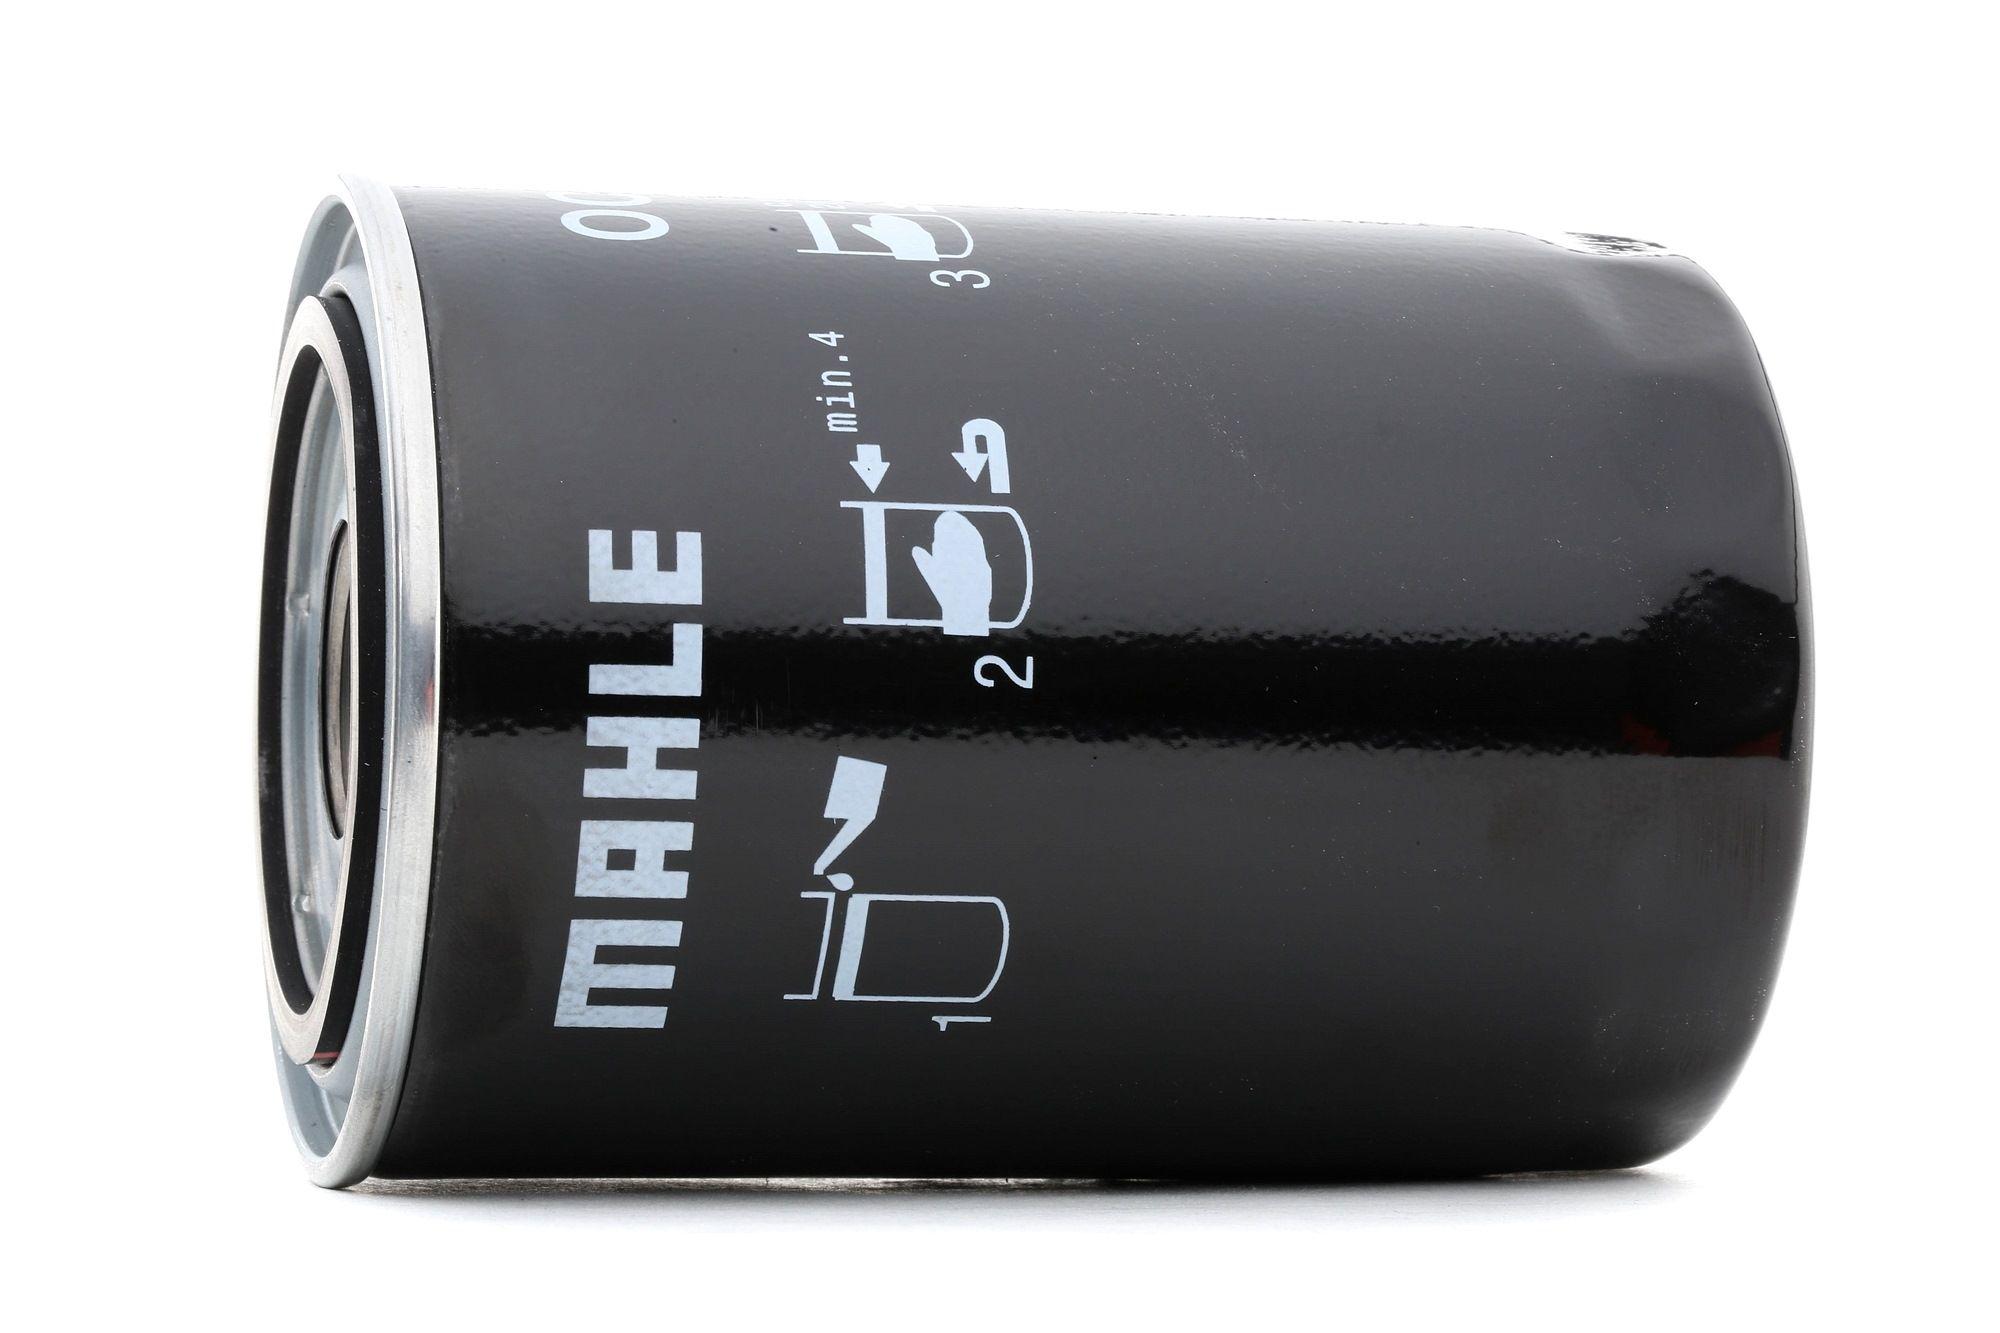 77642499 MAHLE ORIGINAL Anschraubfilter Innendurchmesser 2: 62mm, Innendurchmesser 2: 62mm, Ø: 93,2mm, Außendurchmesser 2: 72mm, Ø: 93,2mm, Höhe: 141mm Ölfilter OC 54 günstig kaufen